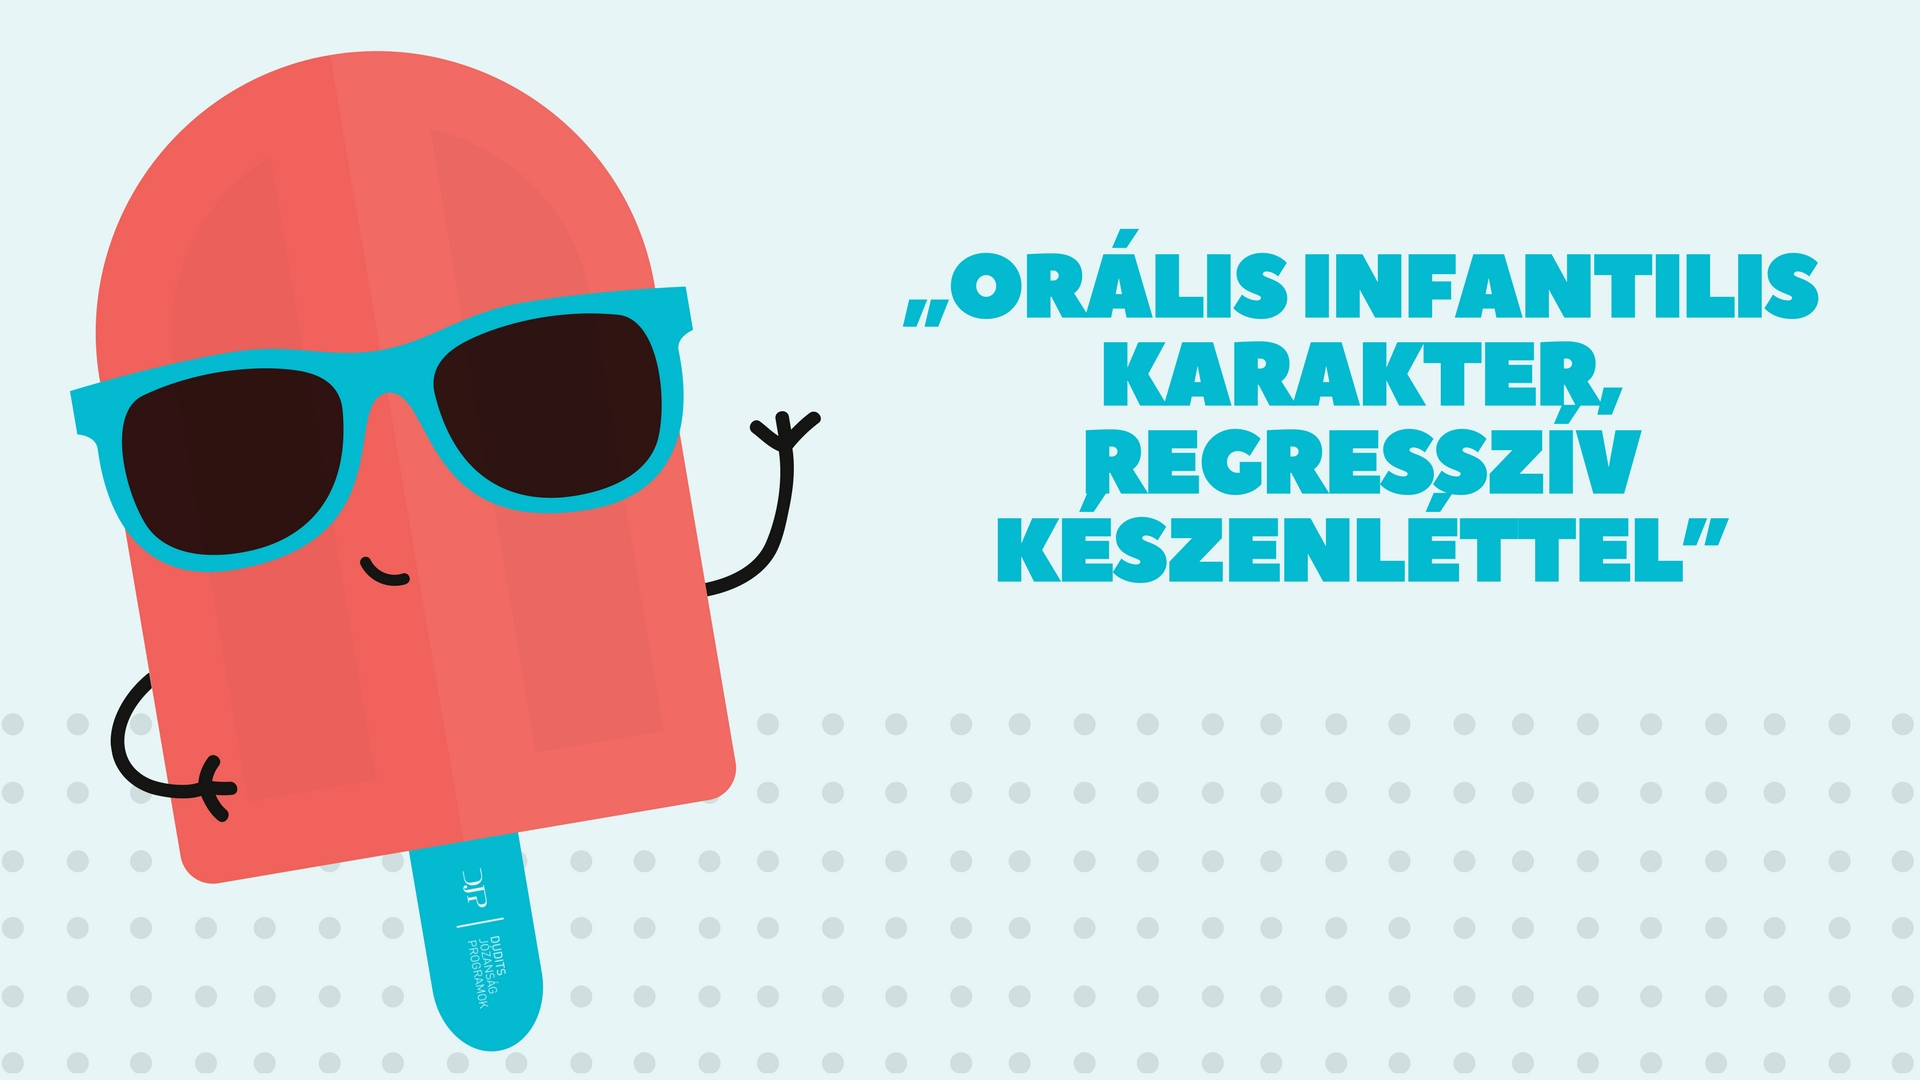 _oralis_infantilis_karakter_regressziv_keszenlettel.jpg